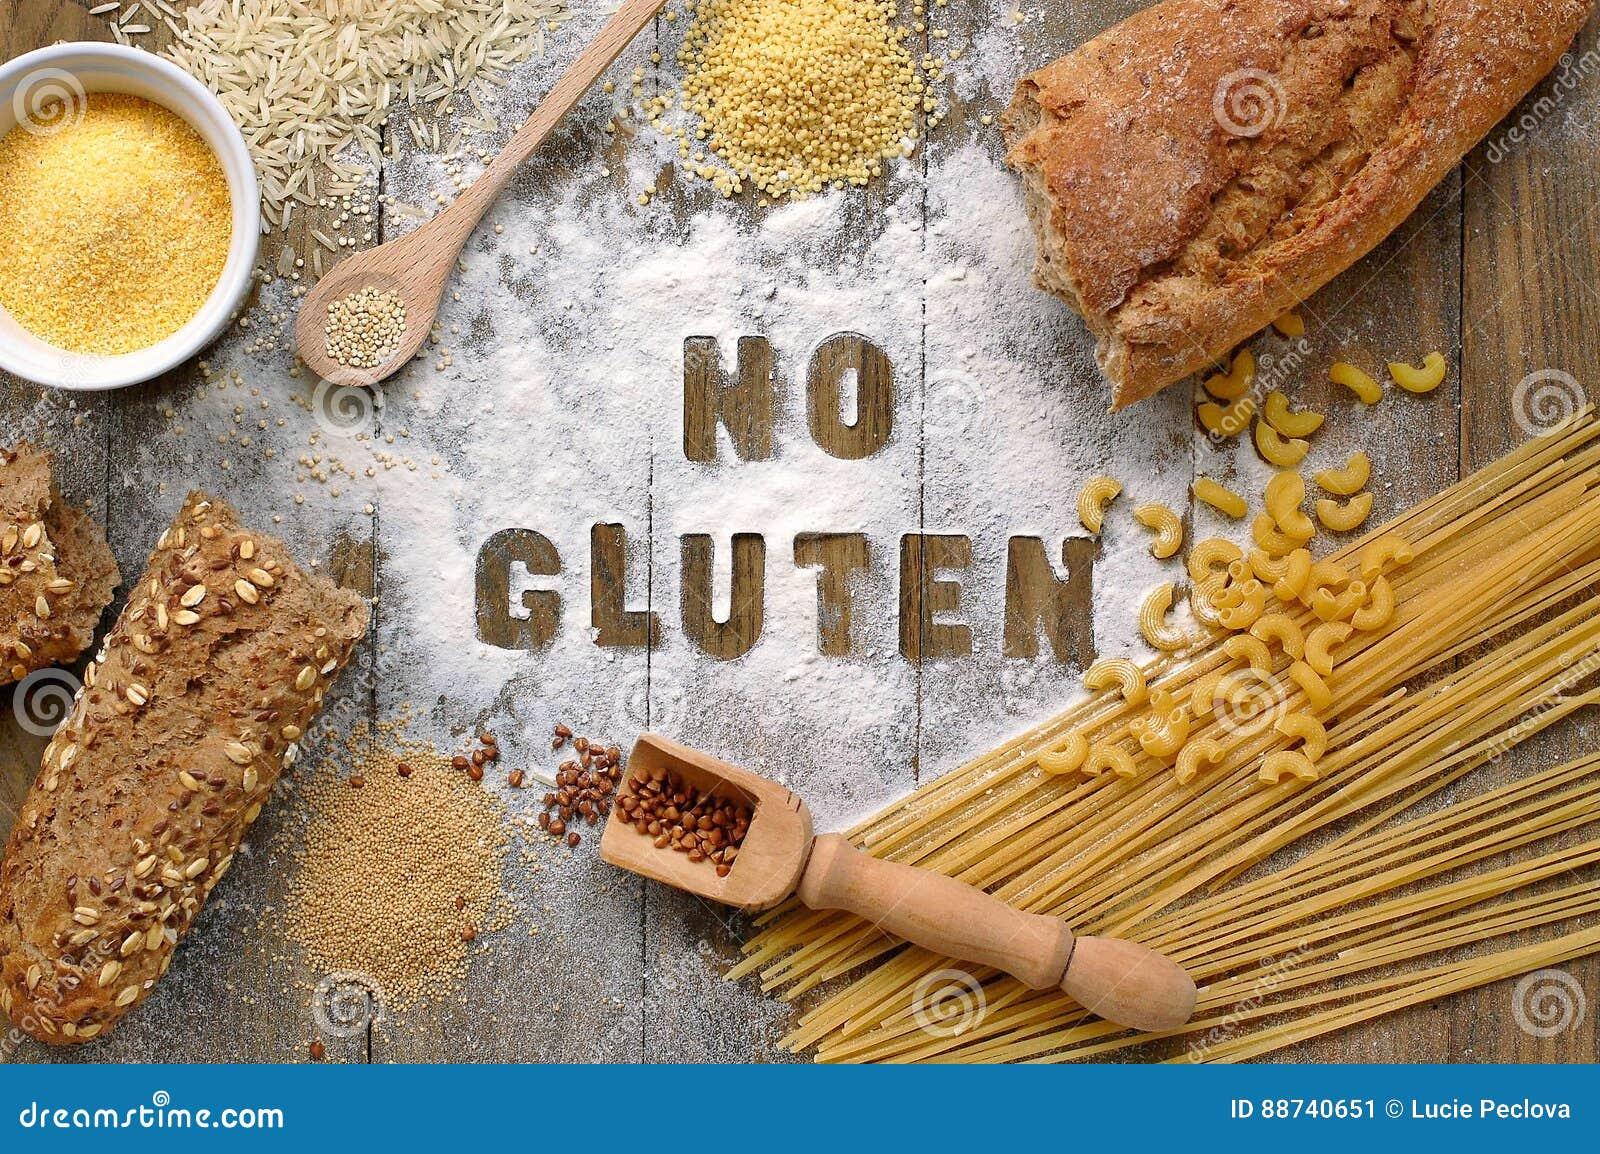 Freies Mehl des Glutens und Getreide Hirse, Quinoa, Maismehl Polenta, brauner Buchweizen, Basmatireis und Teigwaren mit Textglute